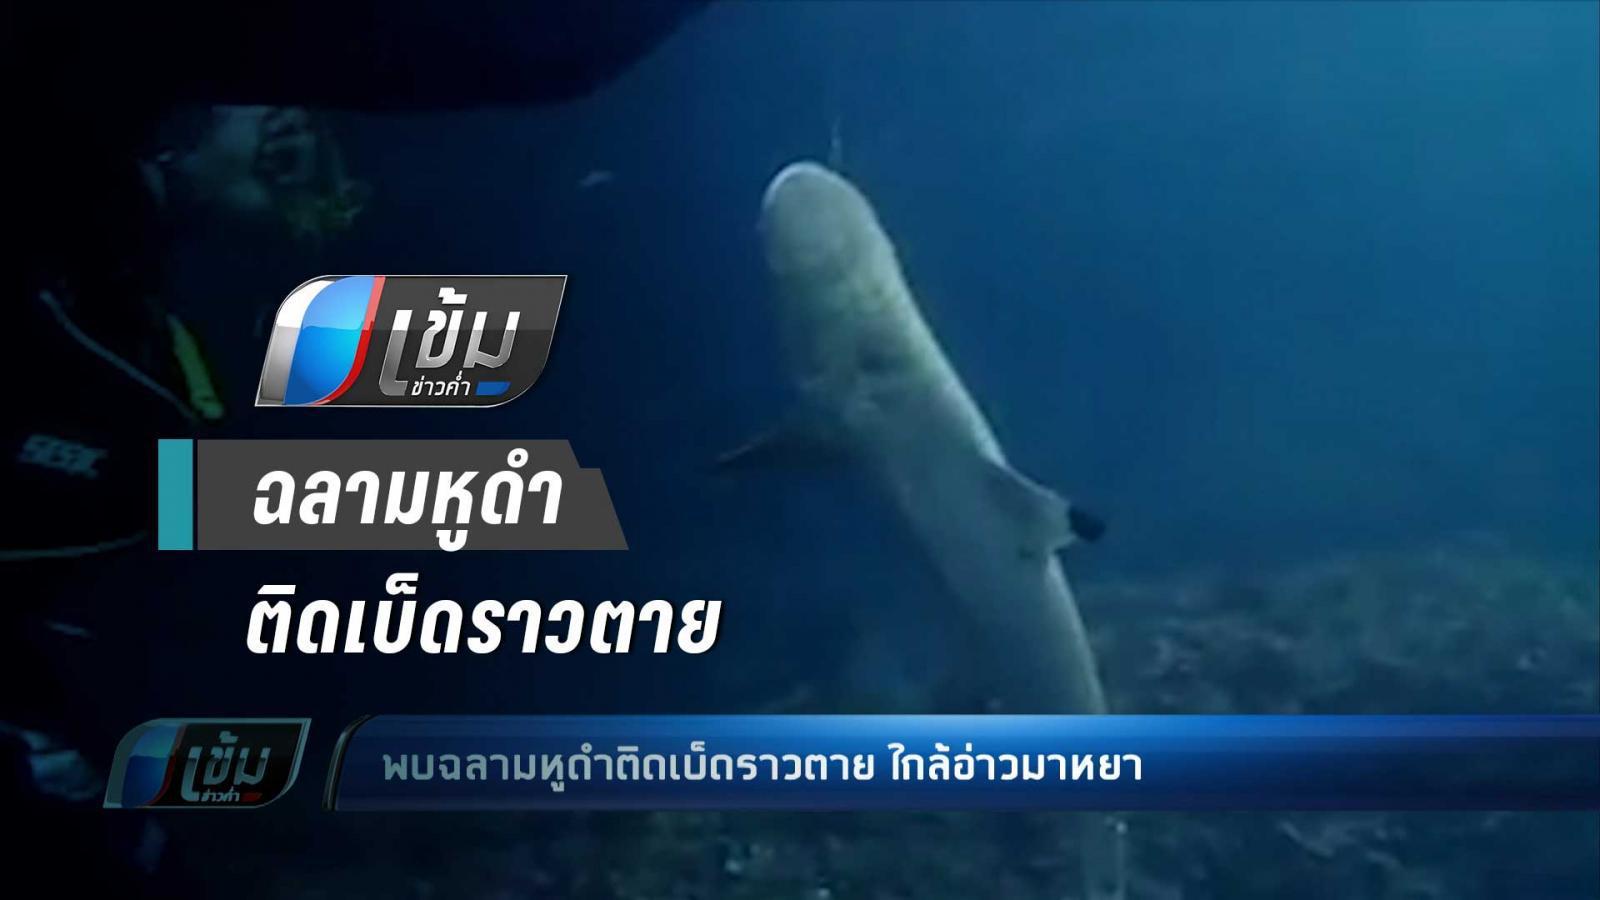 พบฉลามหูดำติดเบ็ดราวตาย ใกล้อ่าวมาหยา